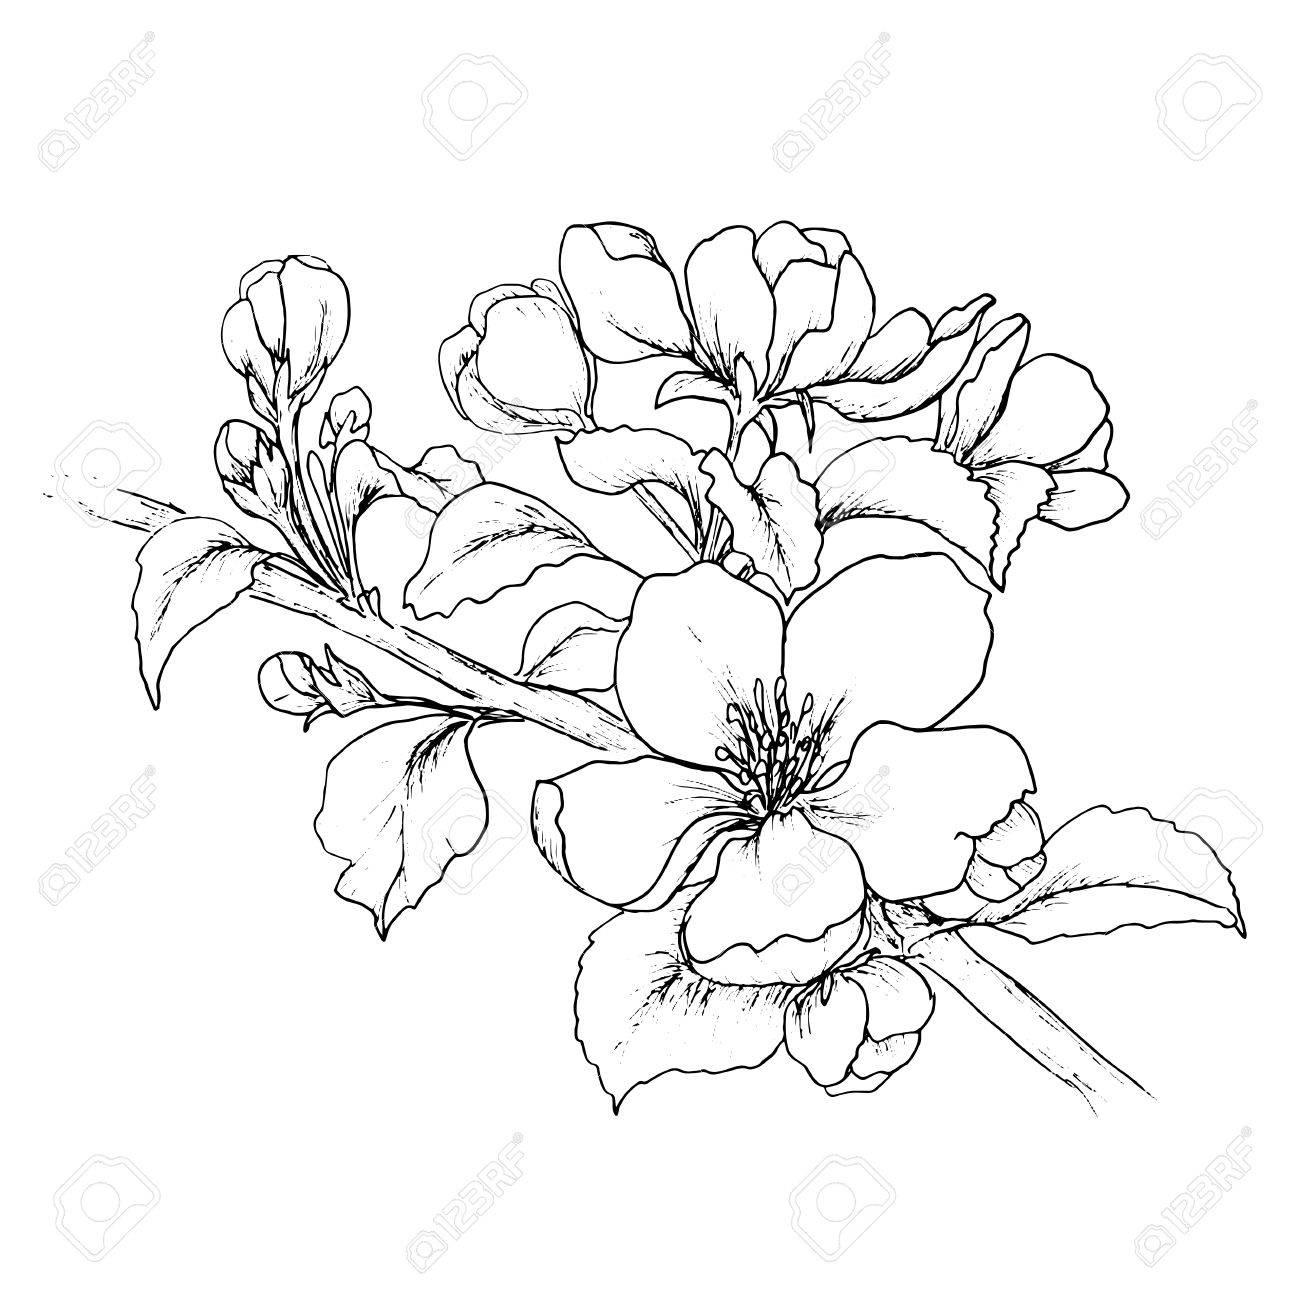 Main Branche Dessin E De Fleur De Cerisier Isol Sur Fond Blanc